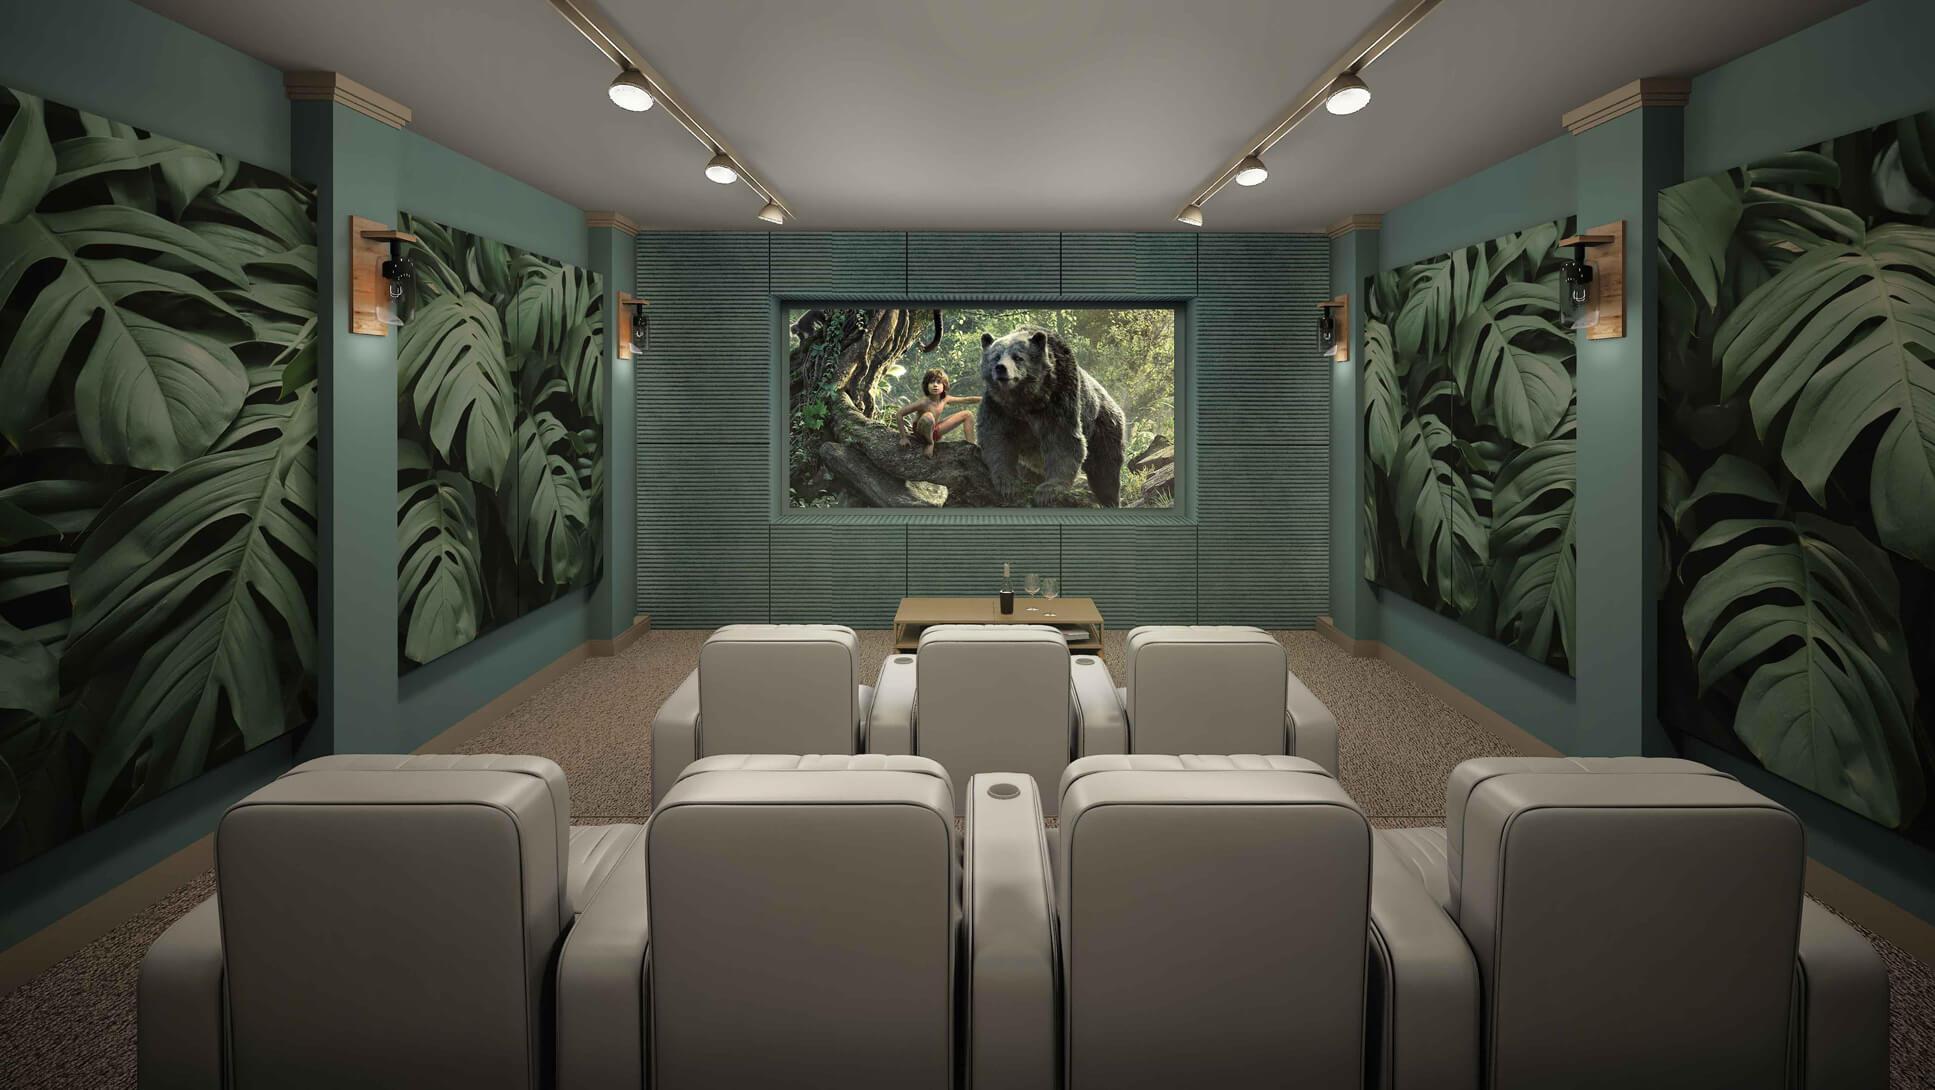 سینما خانگی و سینما خصوصی